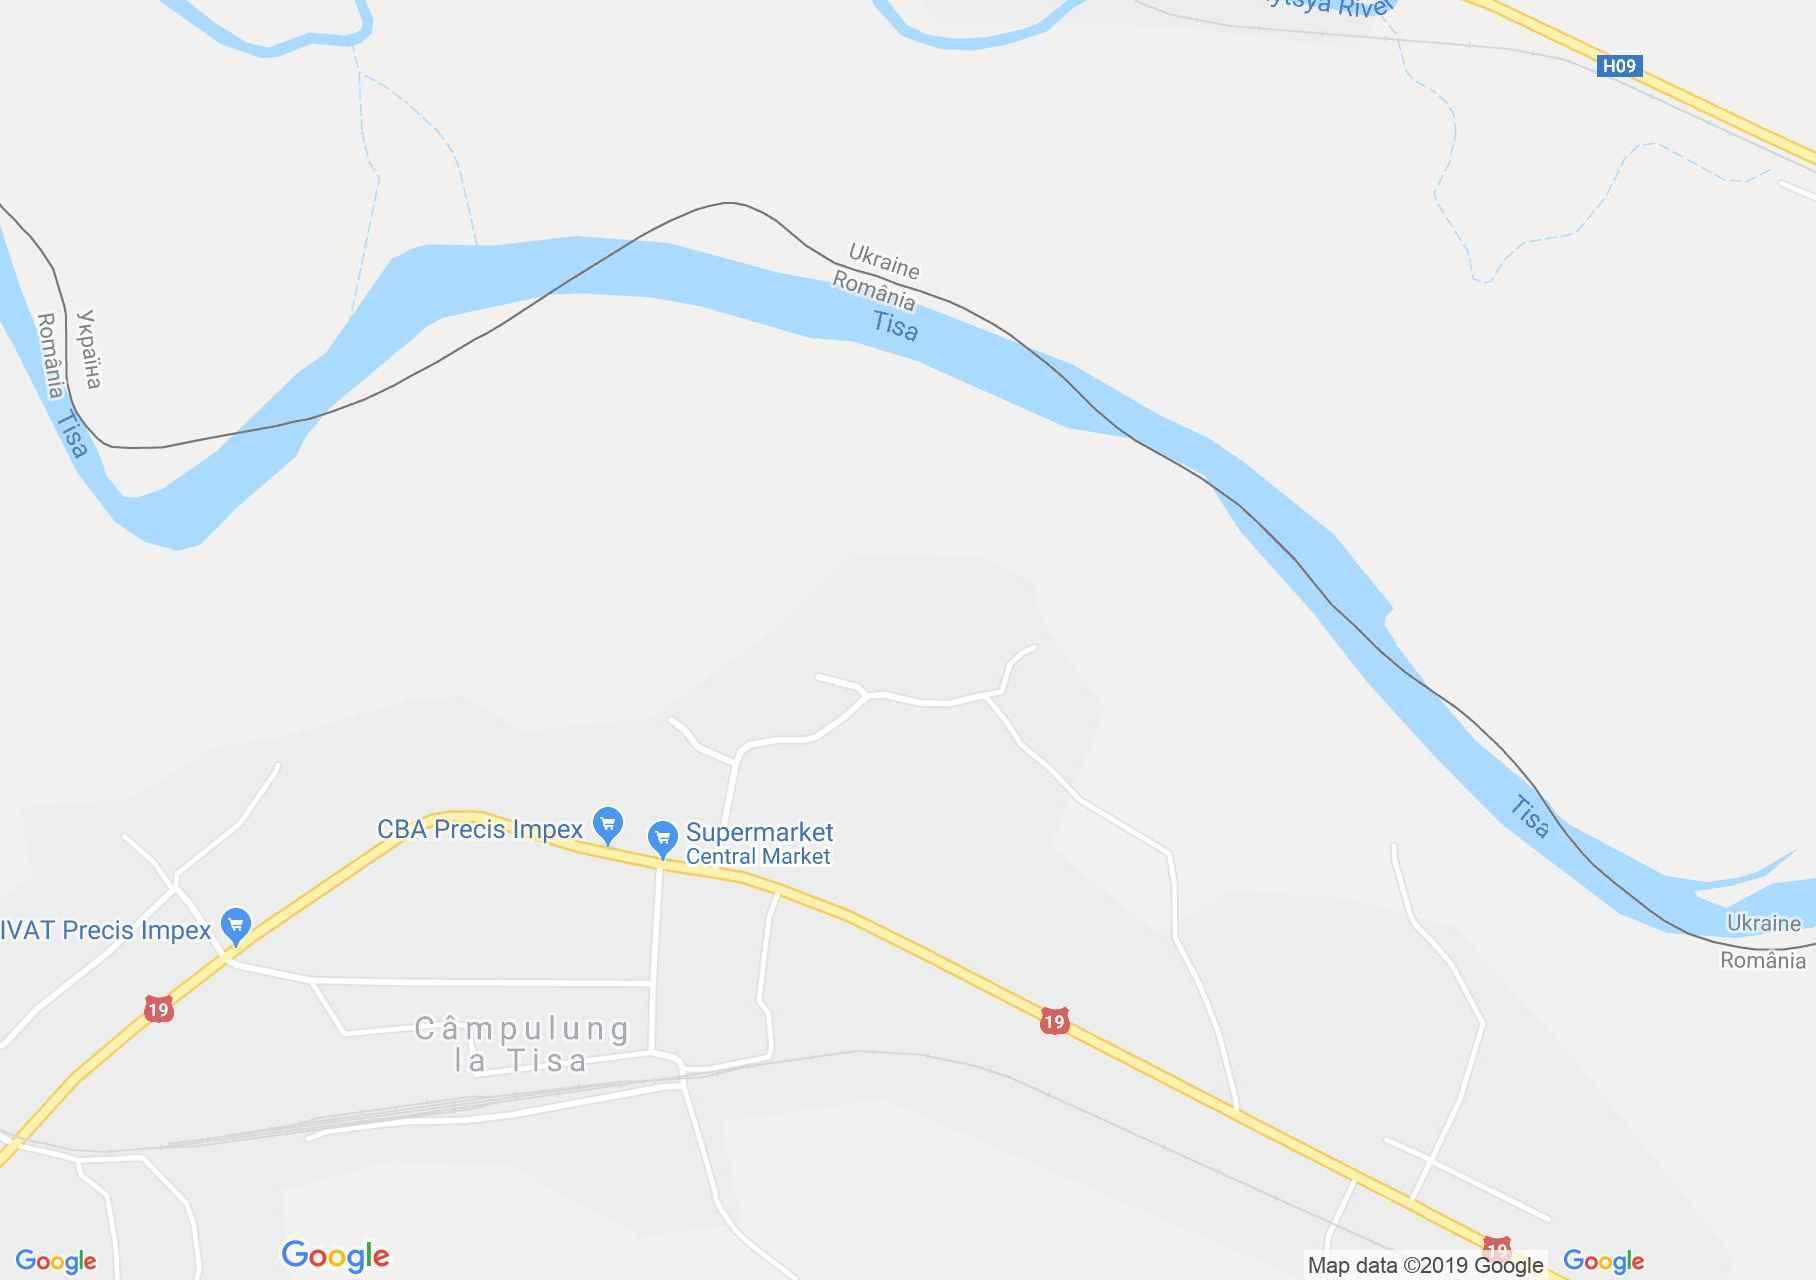 Hartă Câmpulung la Tisa: Mesterul Zelevici Mihai